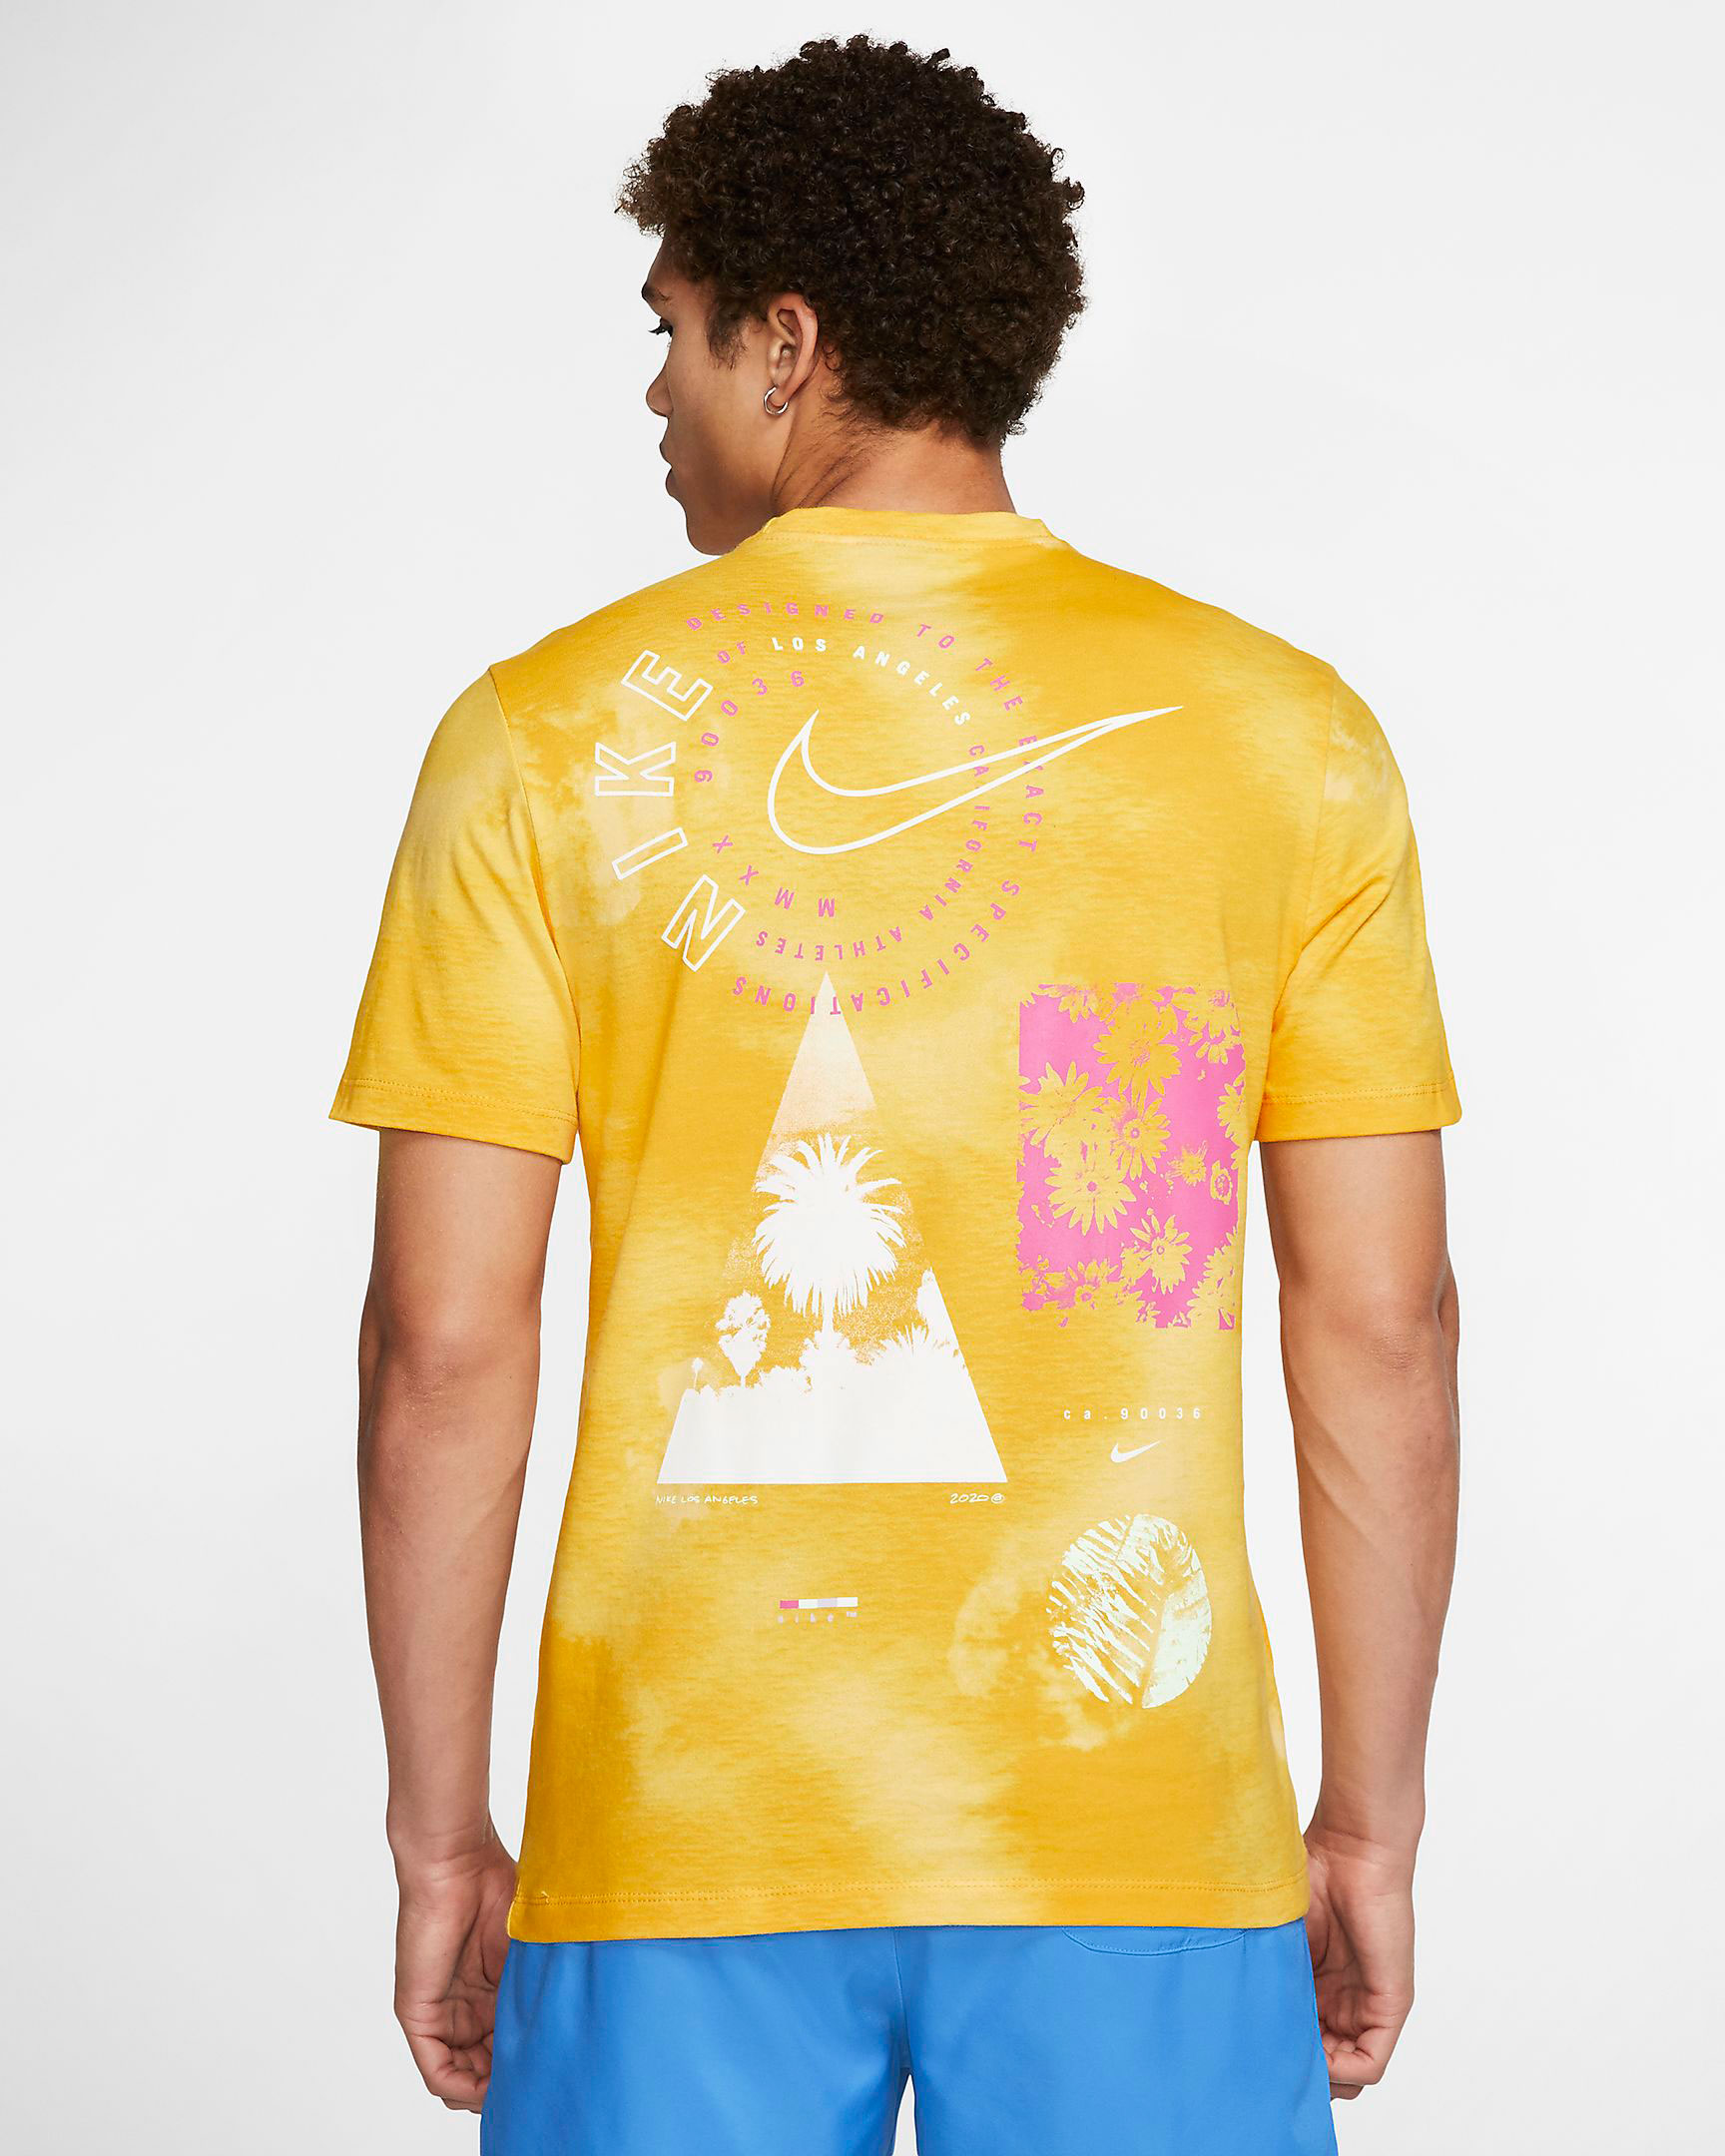 air-jordan-12-university-gold-nike-tee-shirt-2